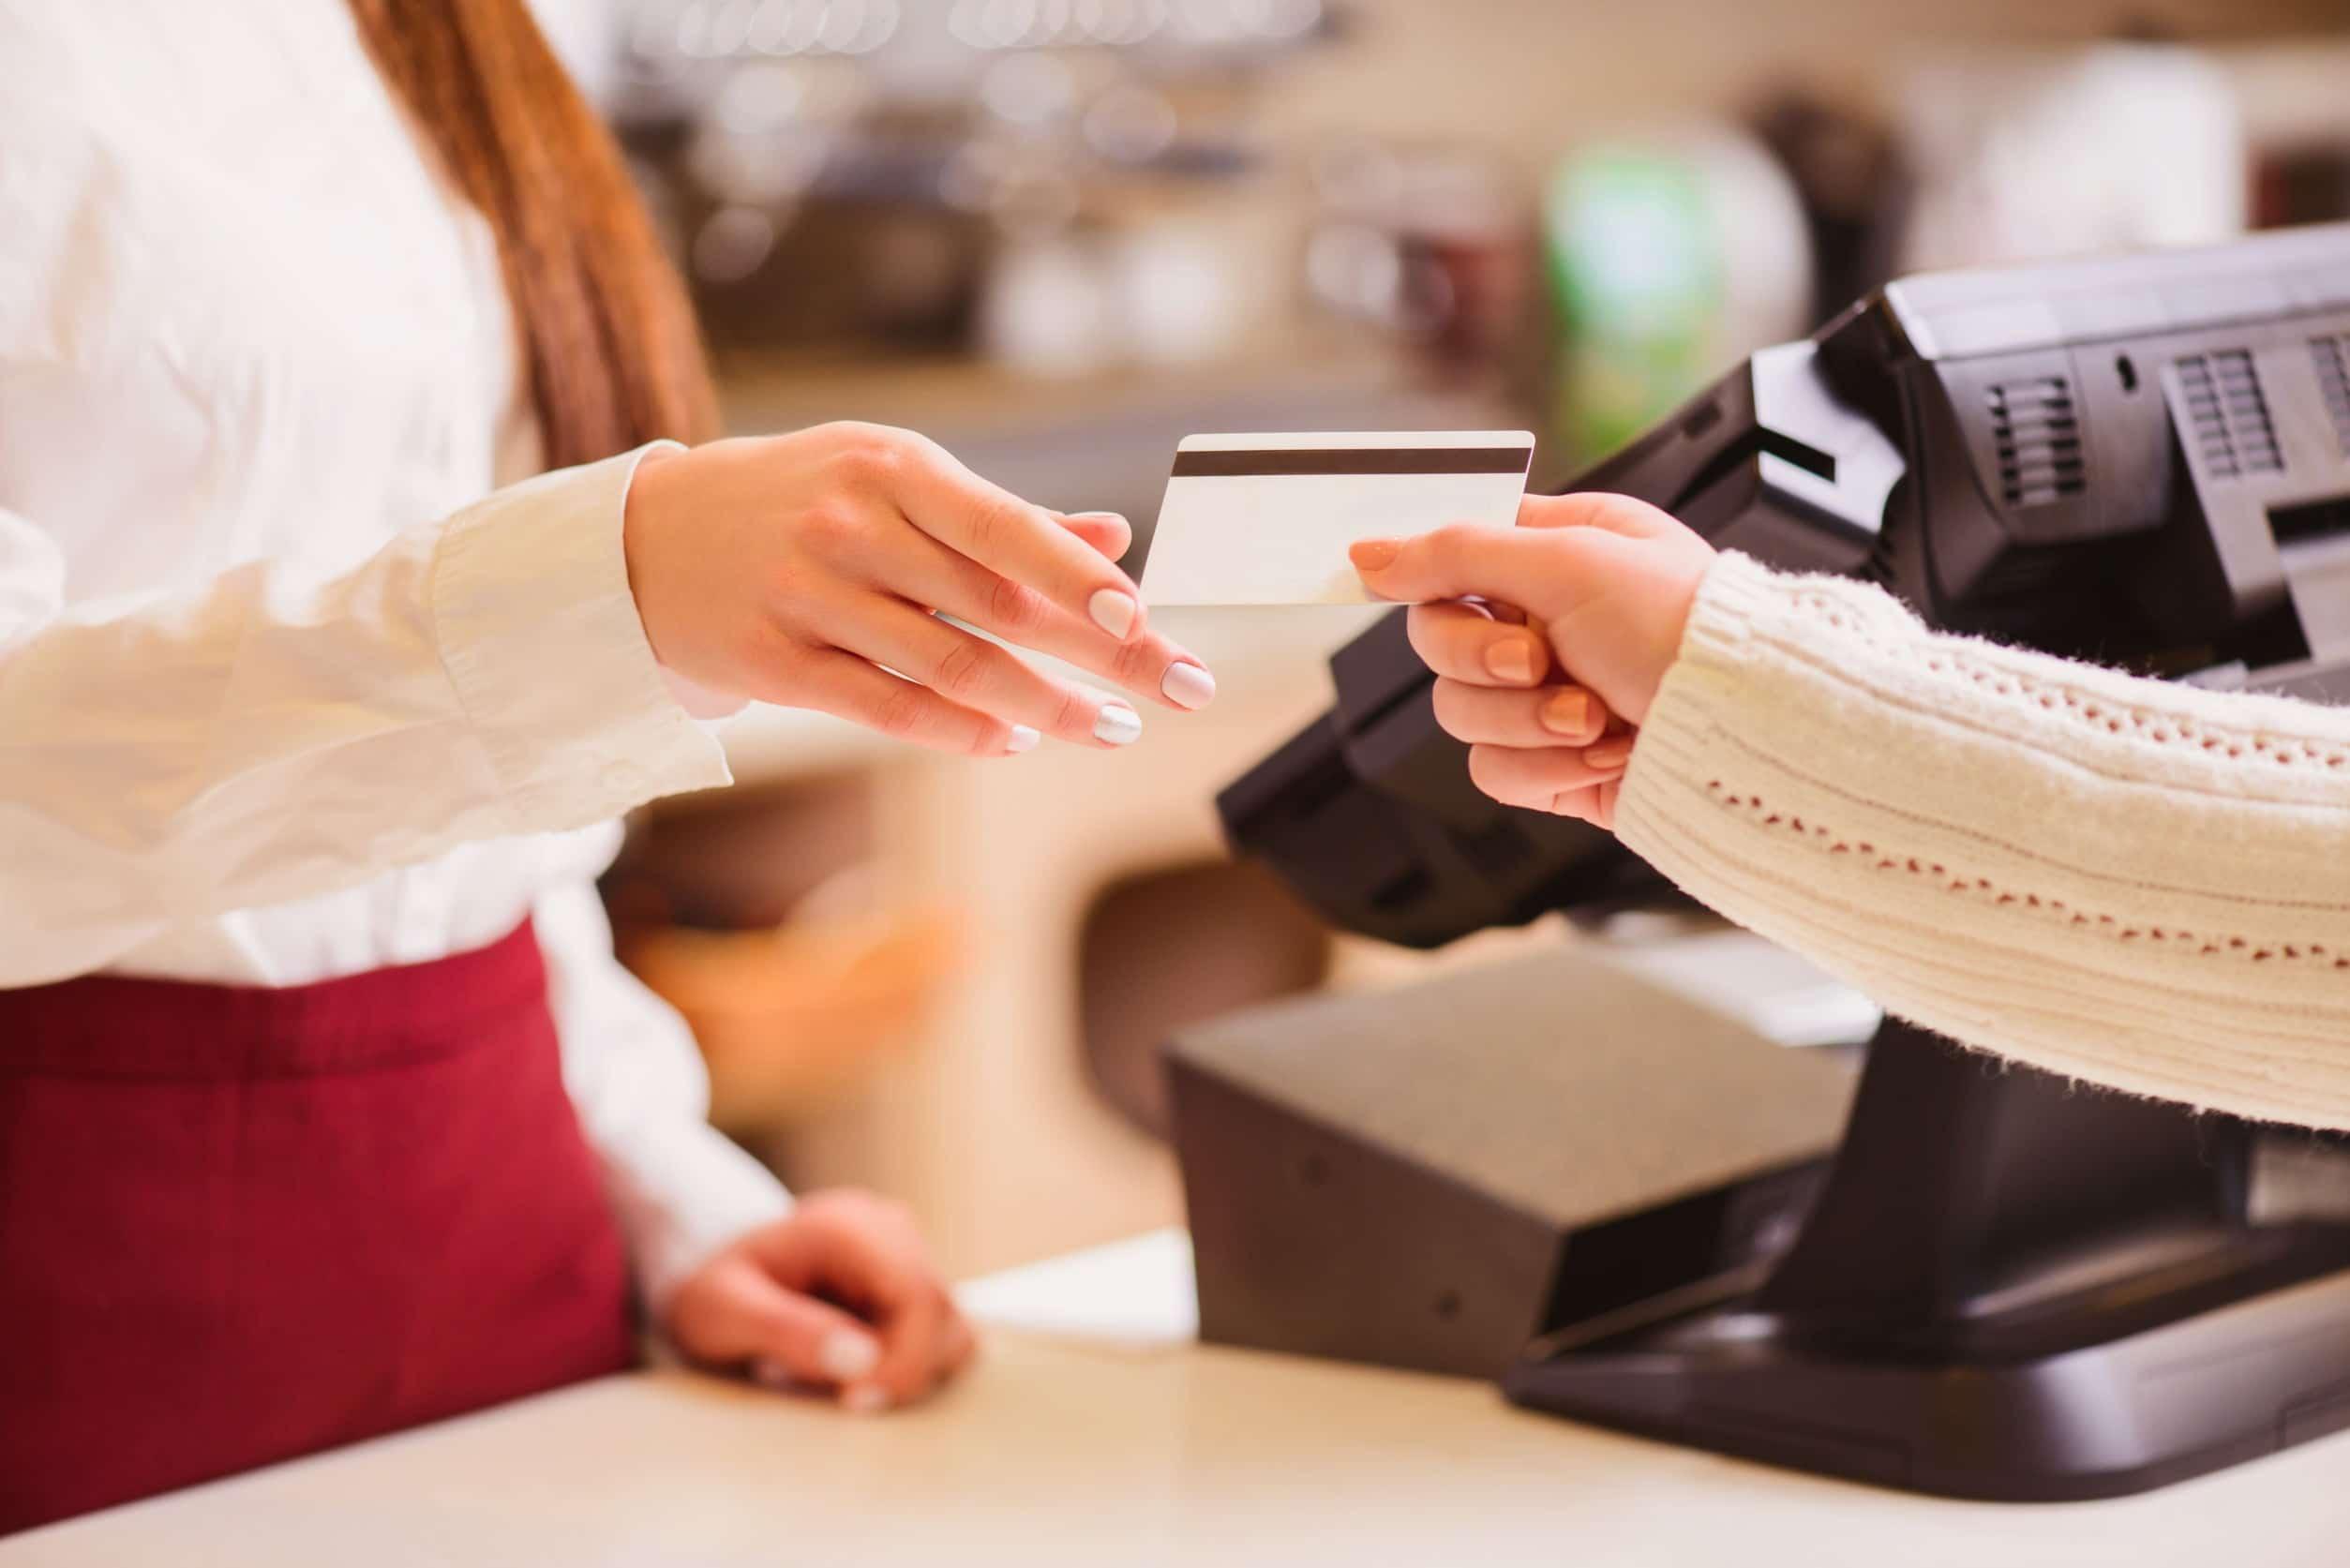 kredittkort med rabatt på mat og dagligvarer